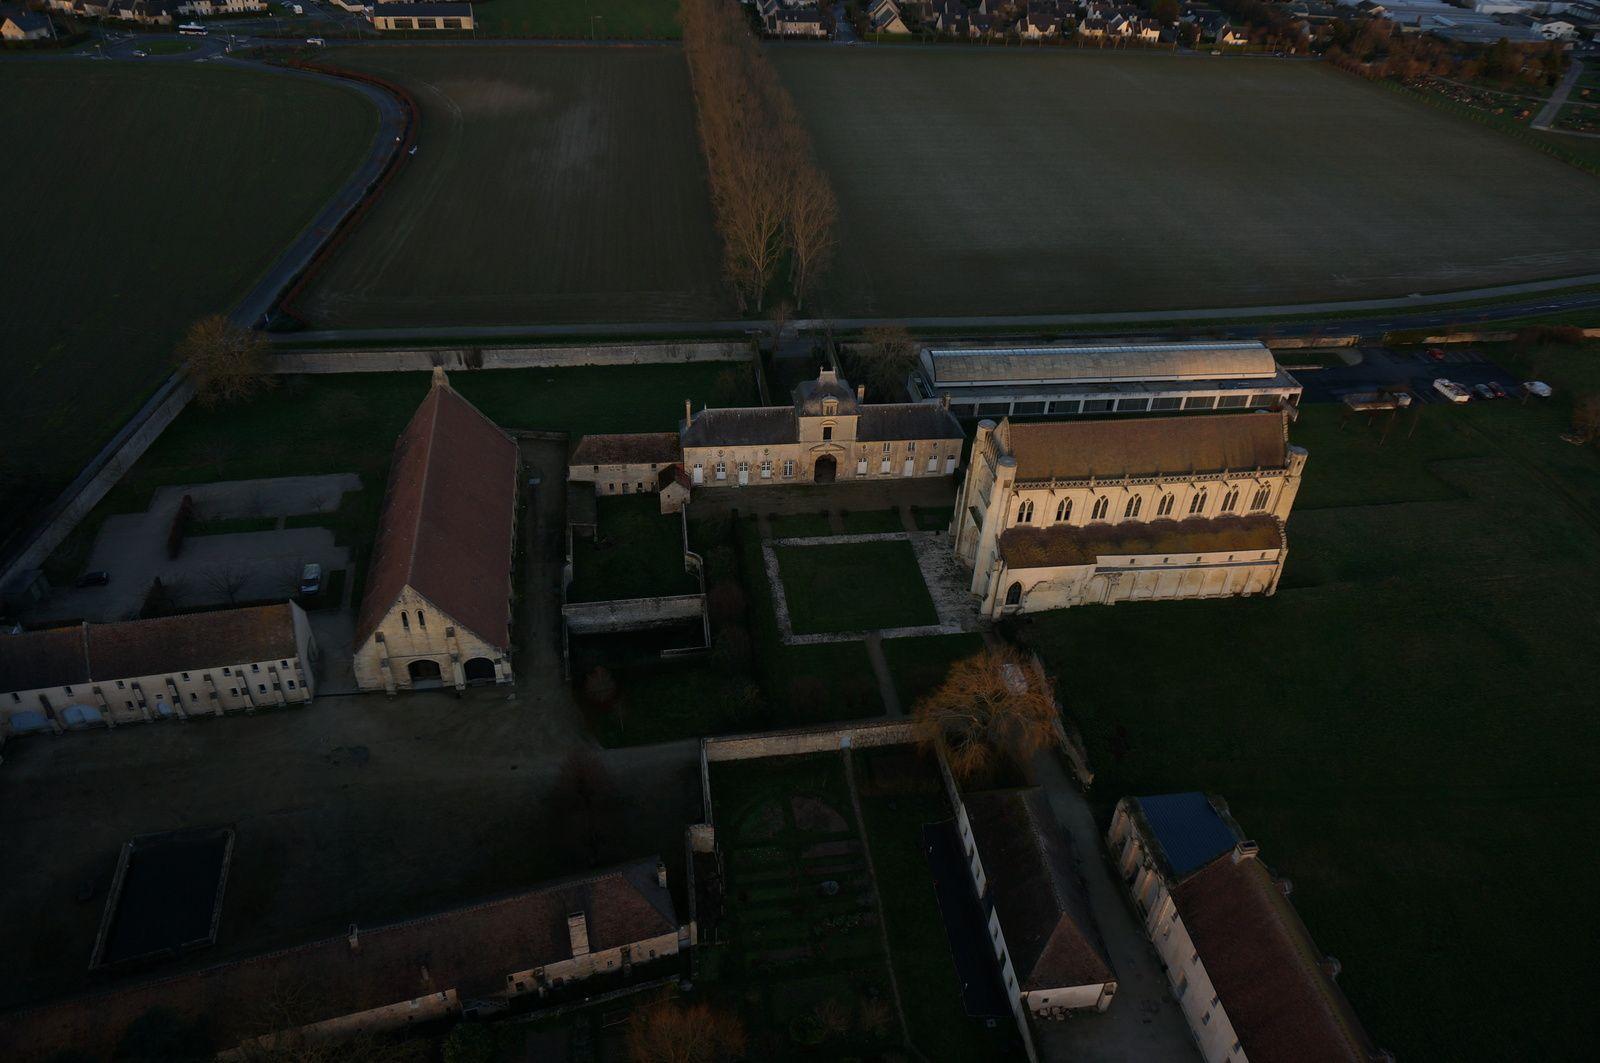 Les bâtiments de l'Abbaye d'Ardenne. Photo aérienne François Monier 26 décembre 2013